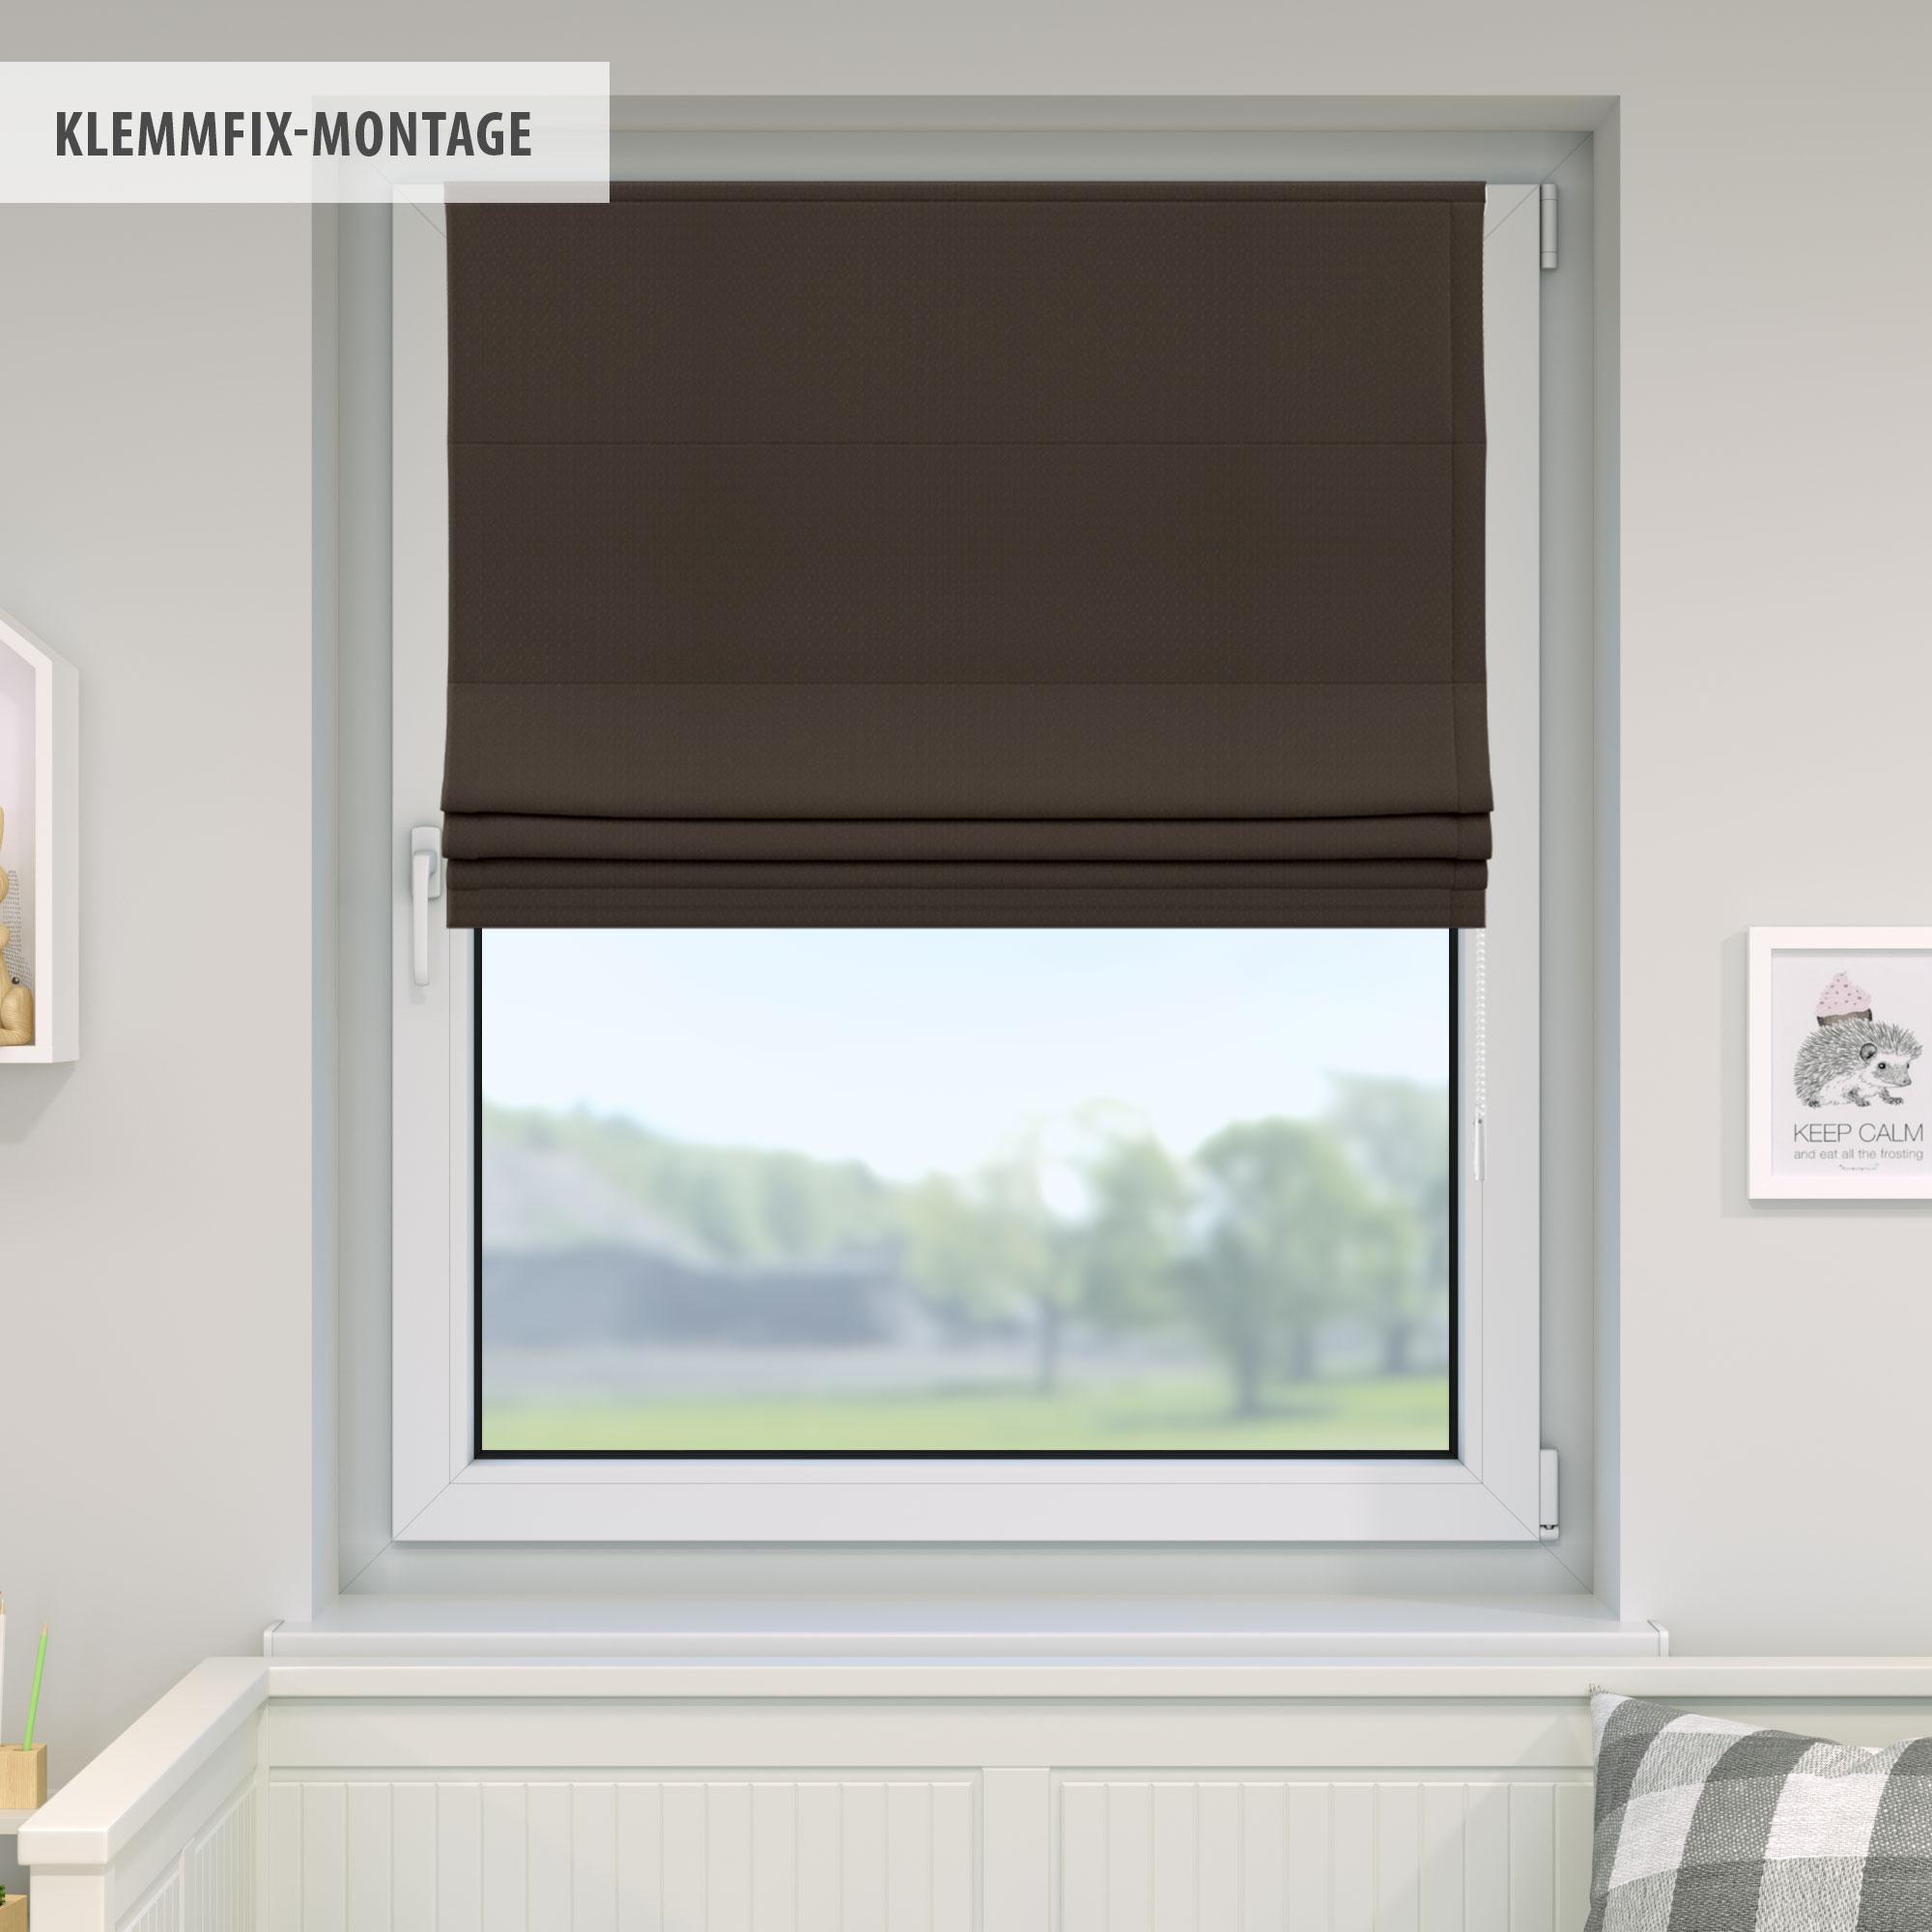 Indexbild 17 - Raffrollo-Faltrollo-Klemmfix-ohne-Bohren-Fenster-Raffgardine-Gardine-VICTORIA-M